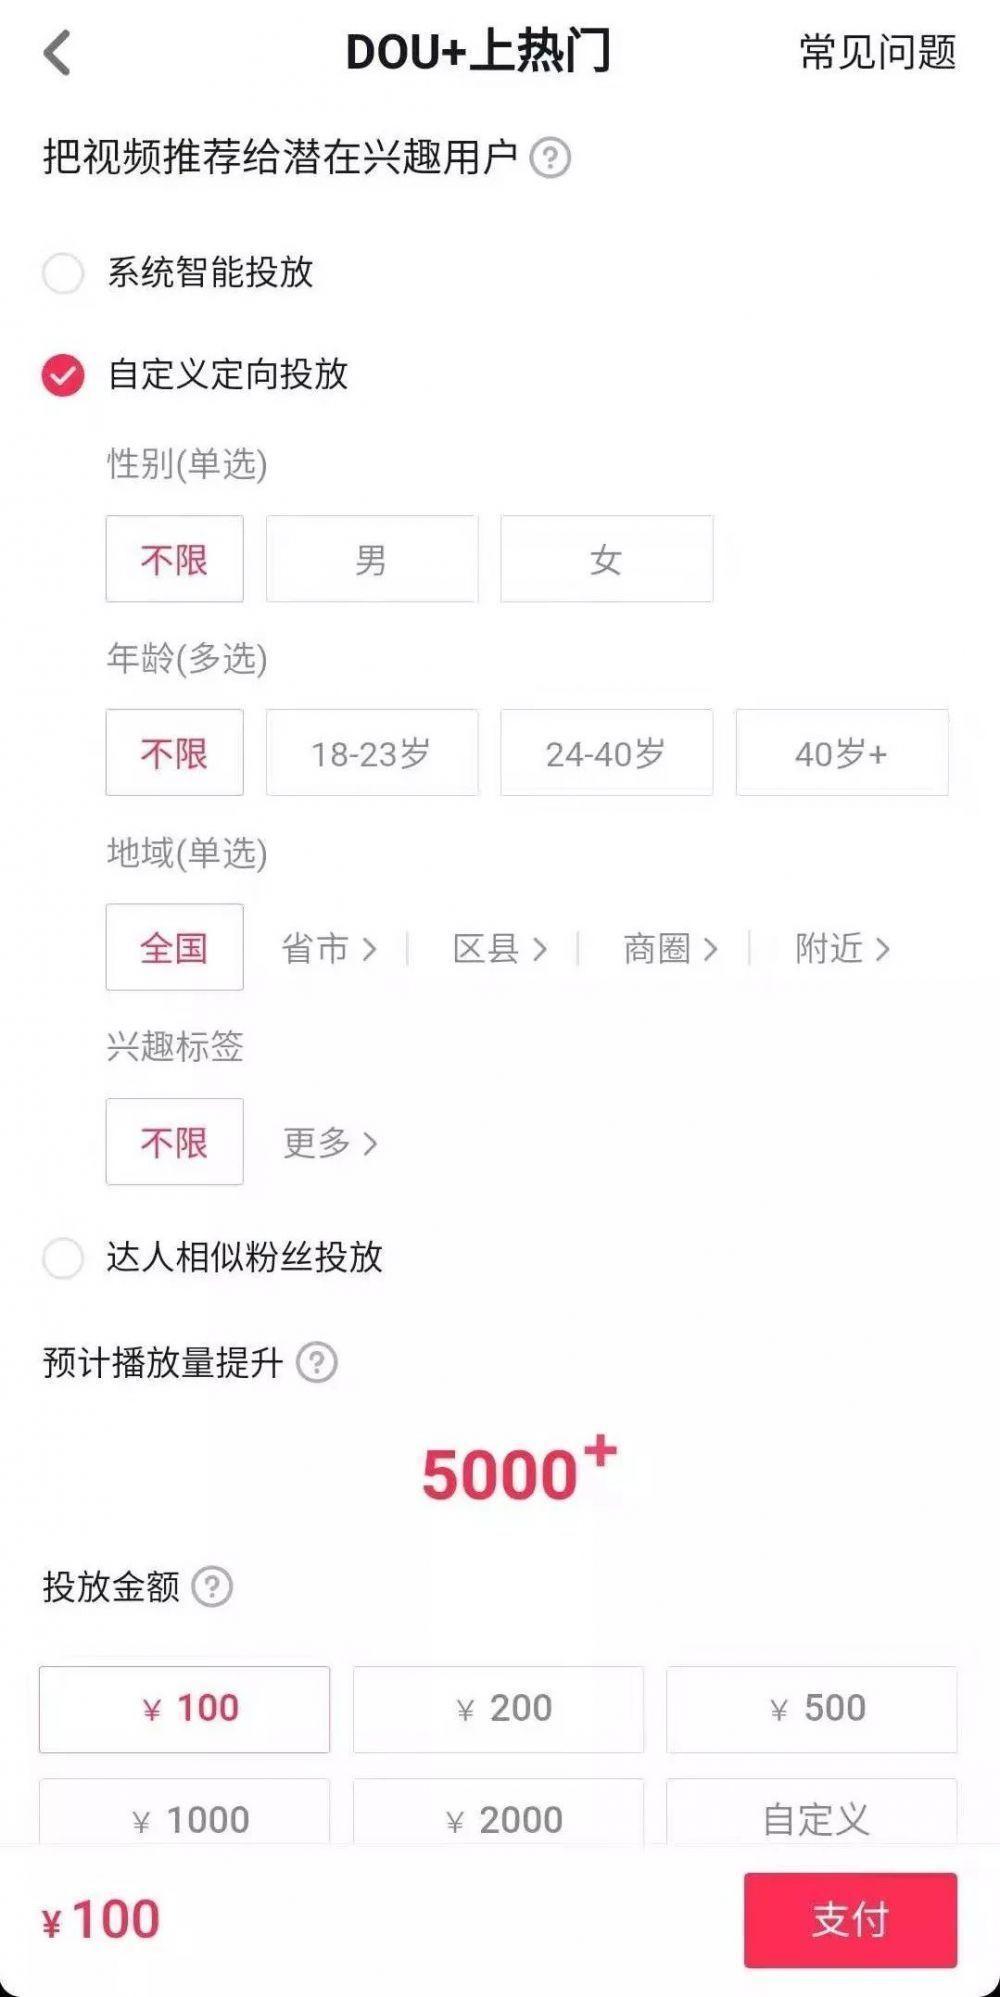 抖音号如何快速涨粉到1000?这里总结了7种方法(开购物车必备)-第2张图片-周小辉<a href='http://www.zhouxiaohui.cn/duanshipin/'>短视频</a>培训博客